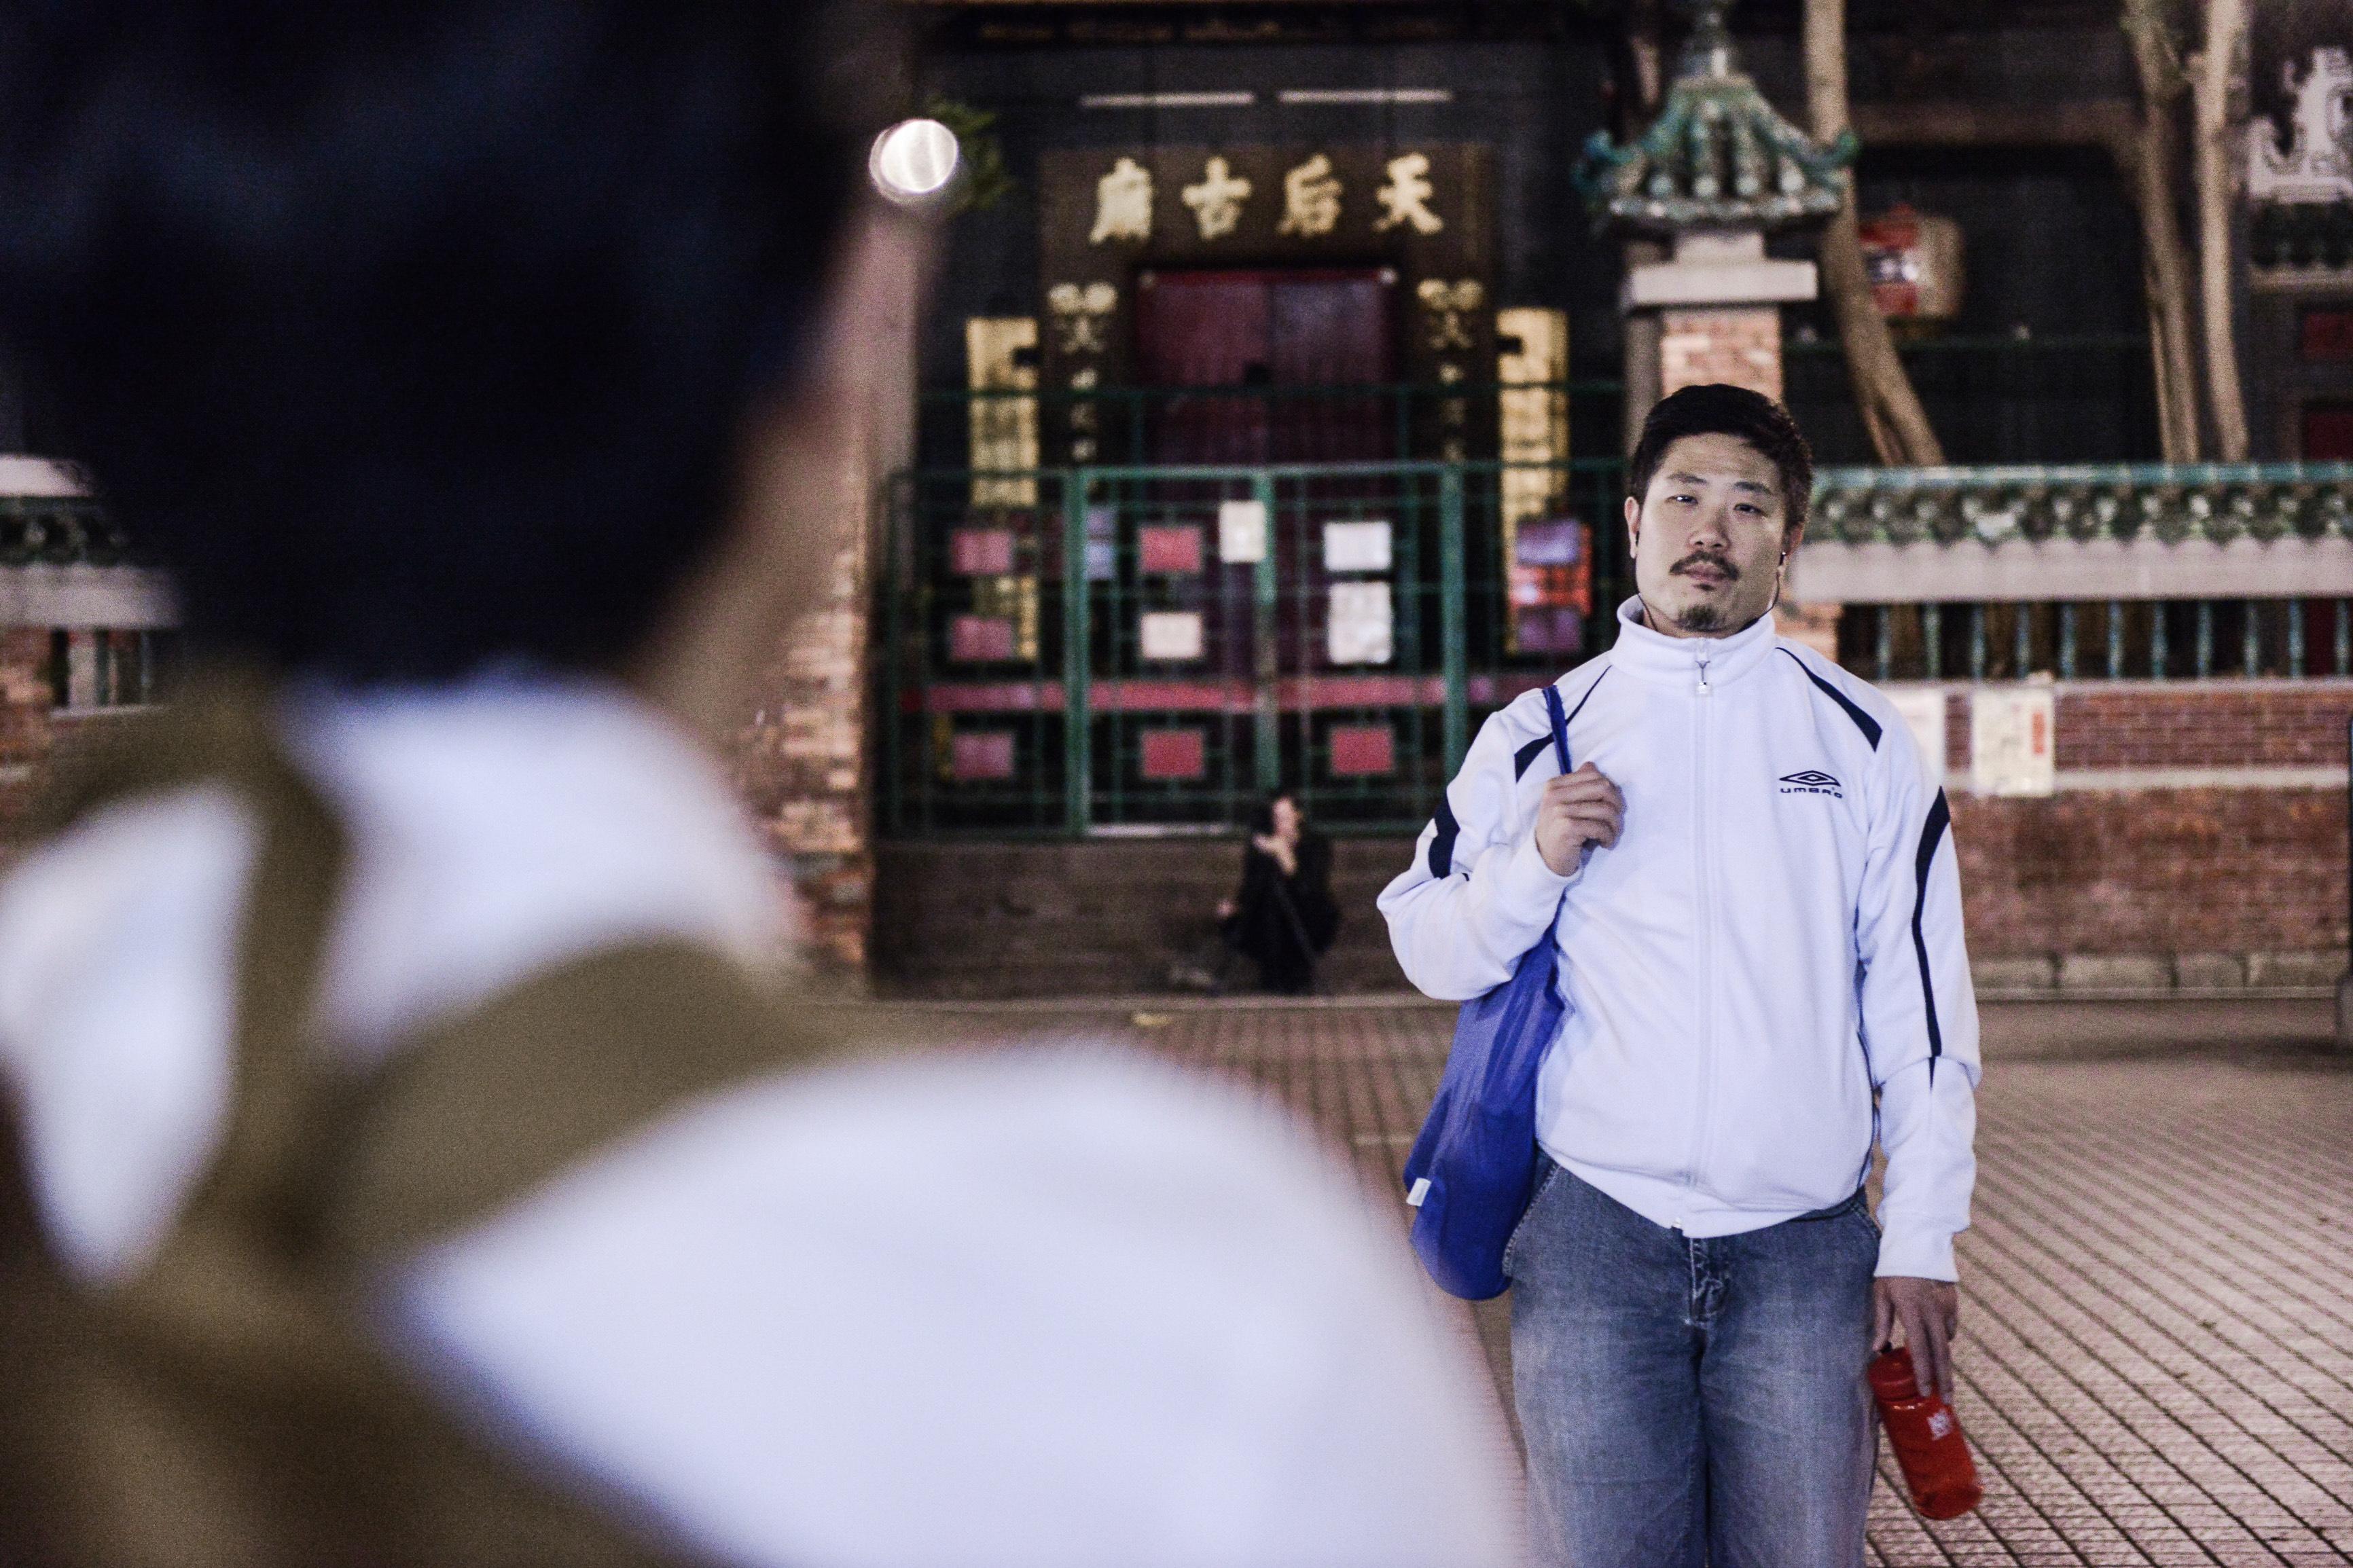 《消失的海岸線》/人物:宋本浩/類別:《消失的海岸線》、演出/攝影:Fung Wai Sun/(天台製作 • 香港專業劇團)